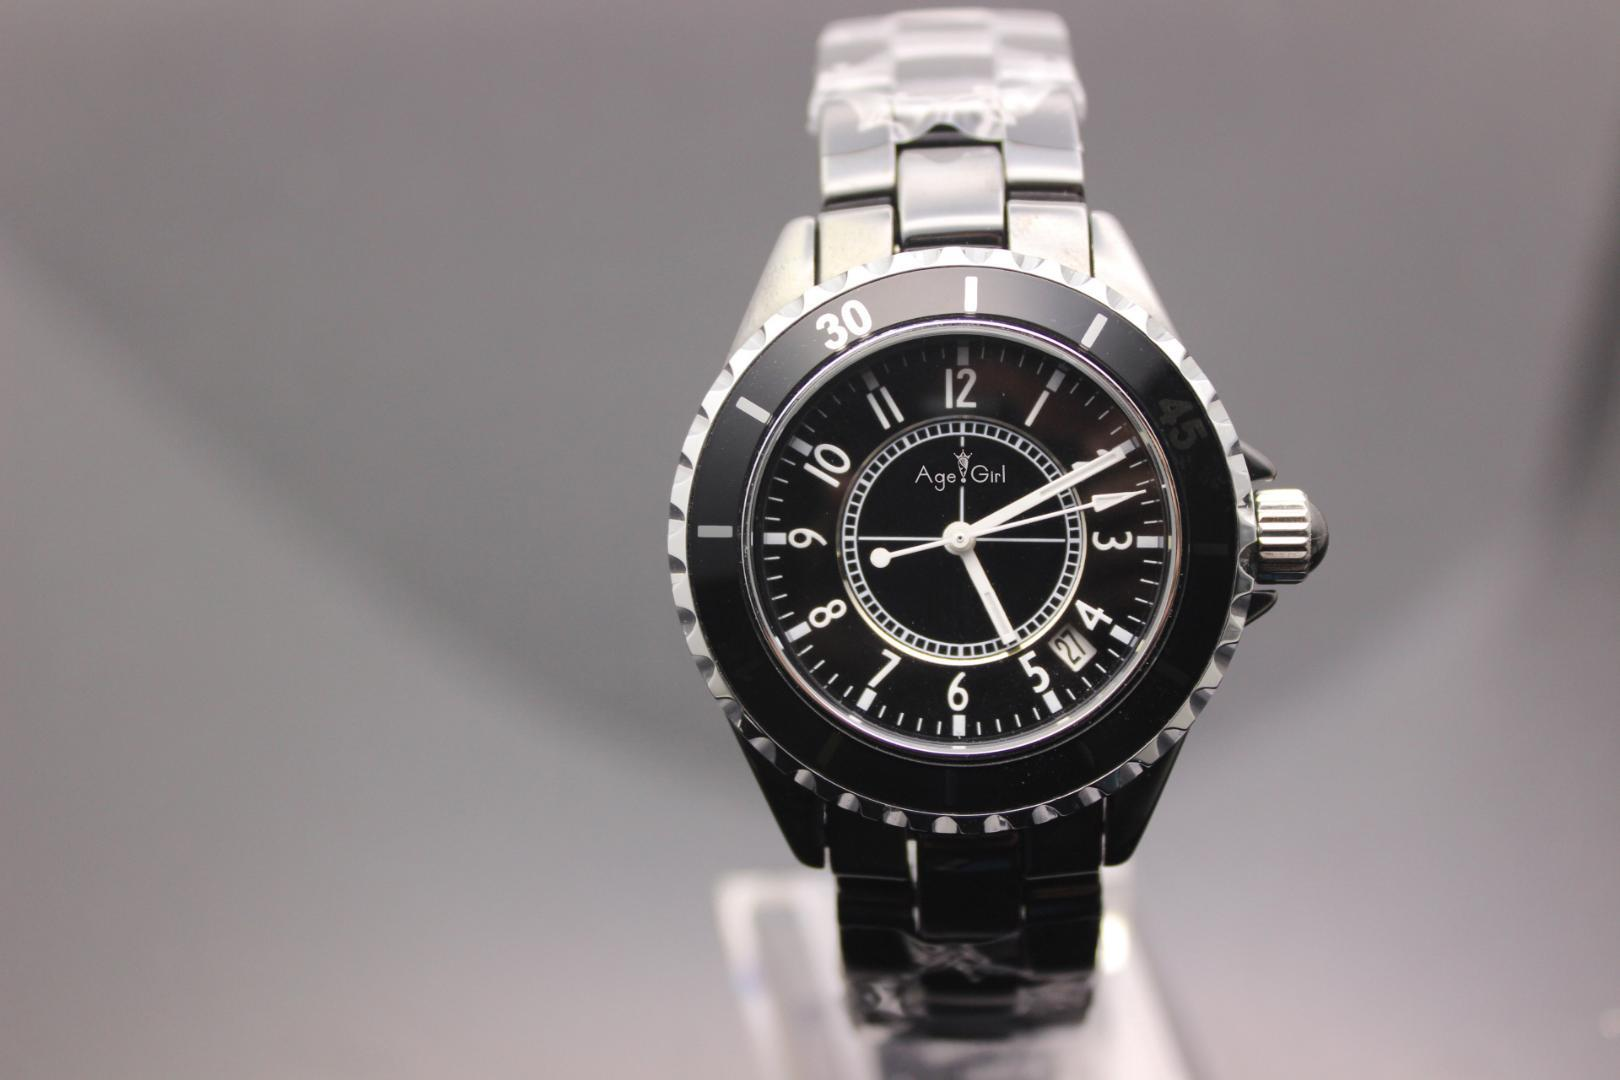 6026f4cf5b32 Compre Nueva Marca Para Hombre O Para Mujer Reloj De Cerámica Negro   Blanco  Vestido Cuarzo Rhinestone Relojes De Cerámica De Lujo A  57.55 Del  Mandarin18 ...